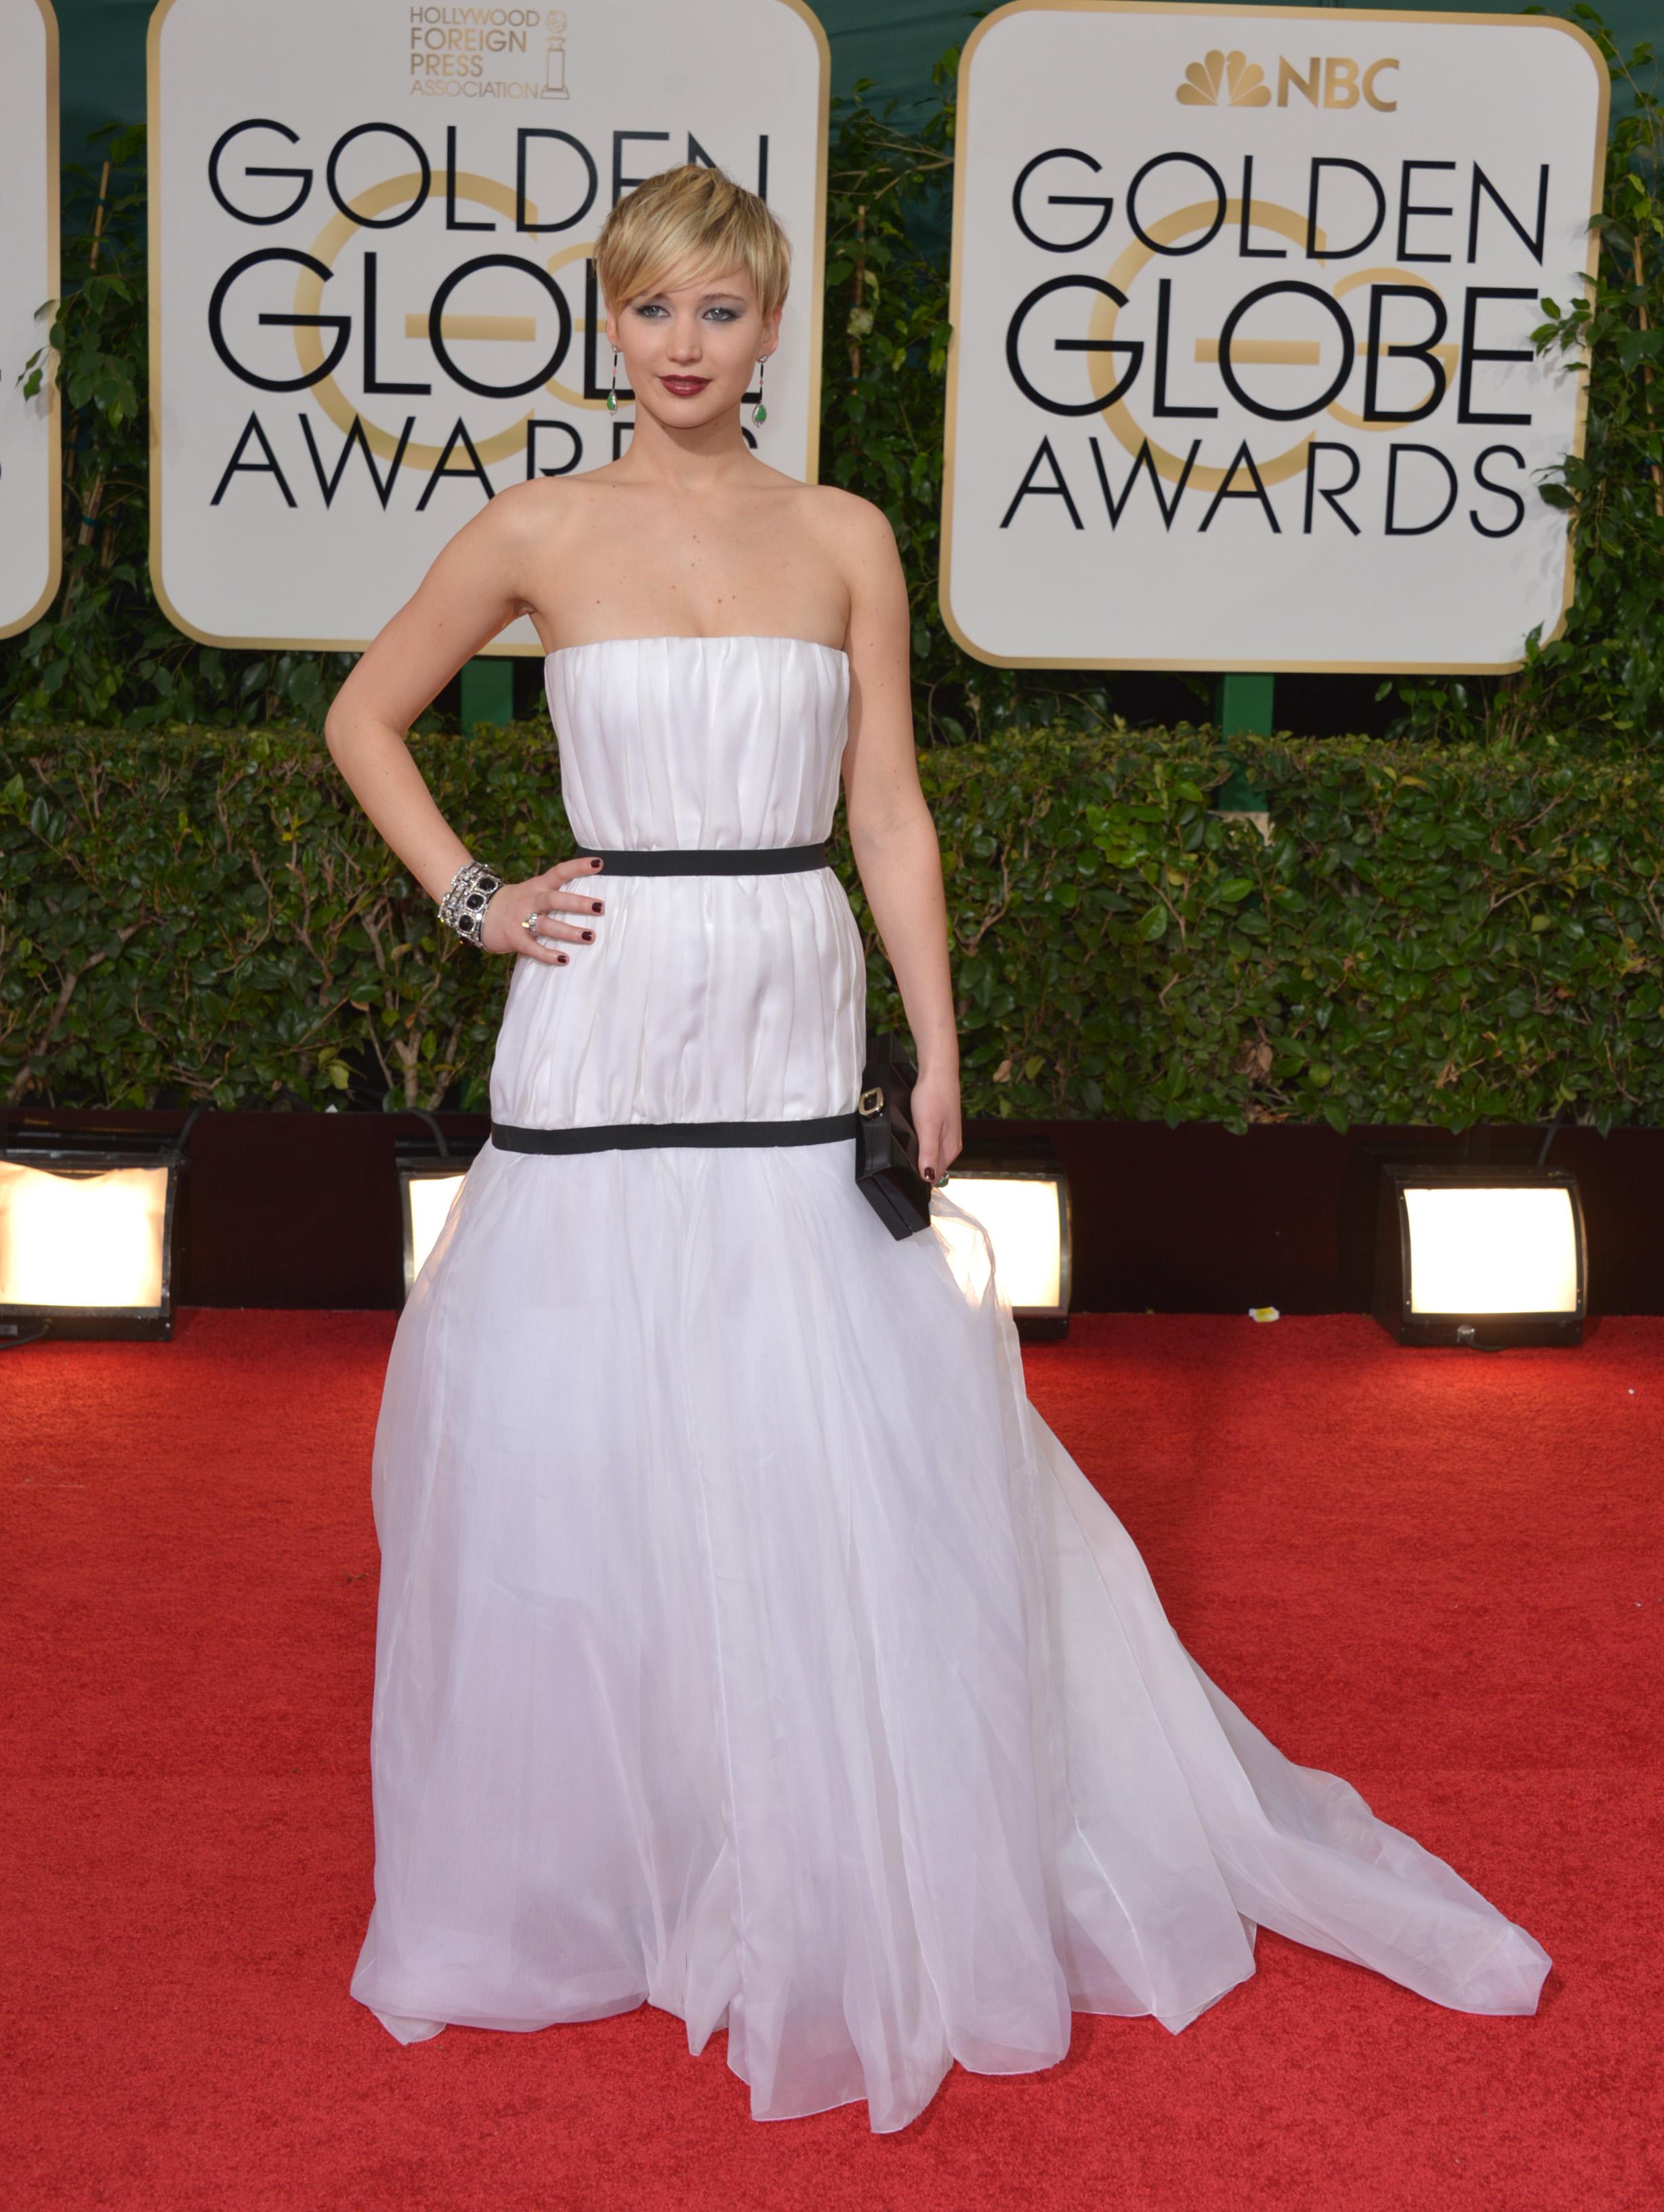 Для церемонии Золотой глобус 2014 Дженнифер Лоуренс выбрала платье Dior, которое стало поводом для шуток